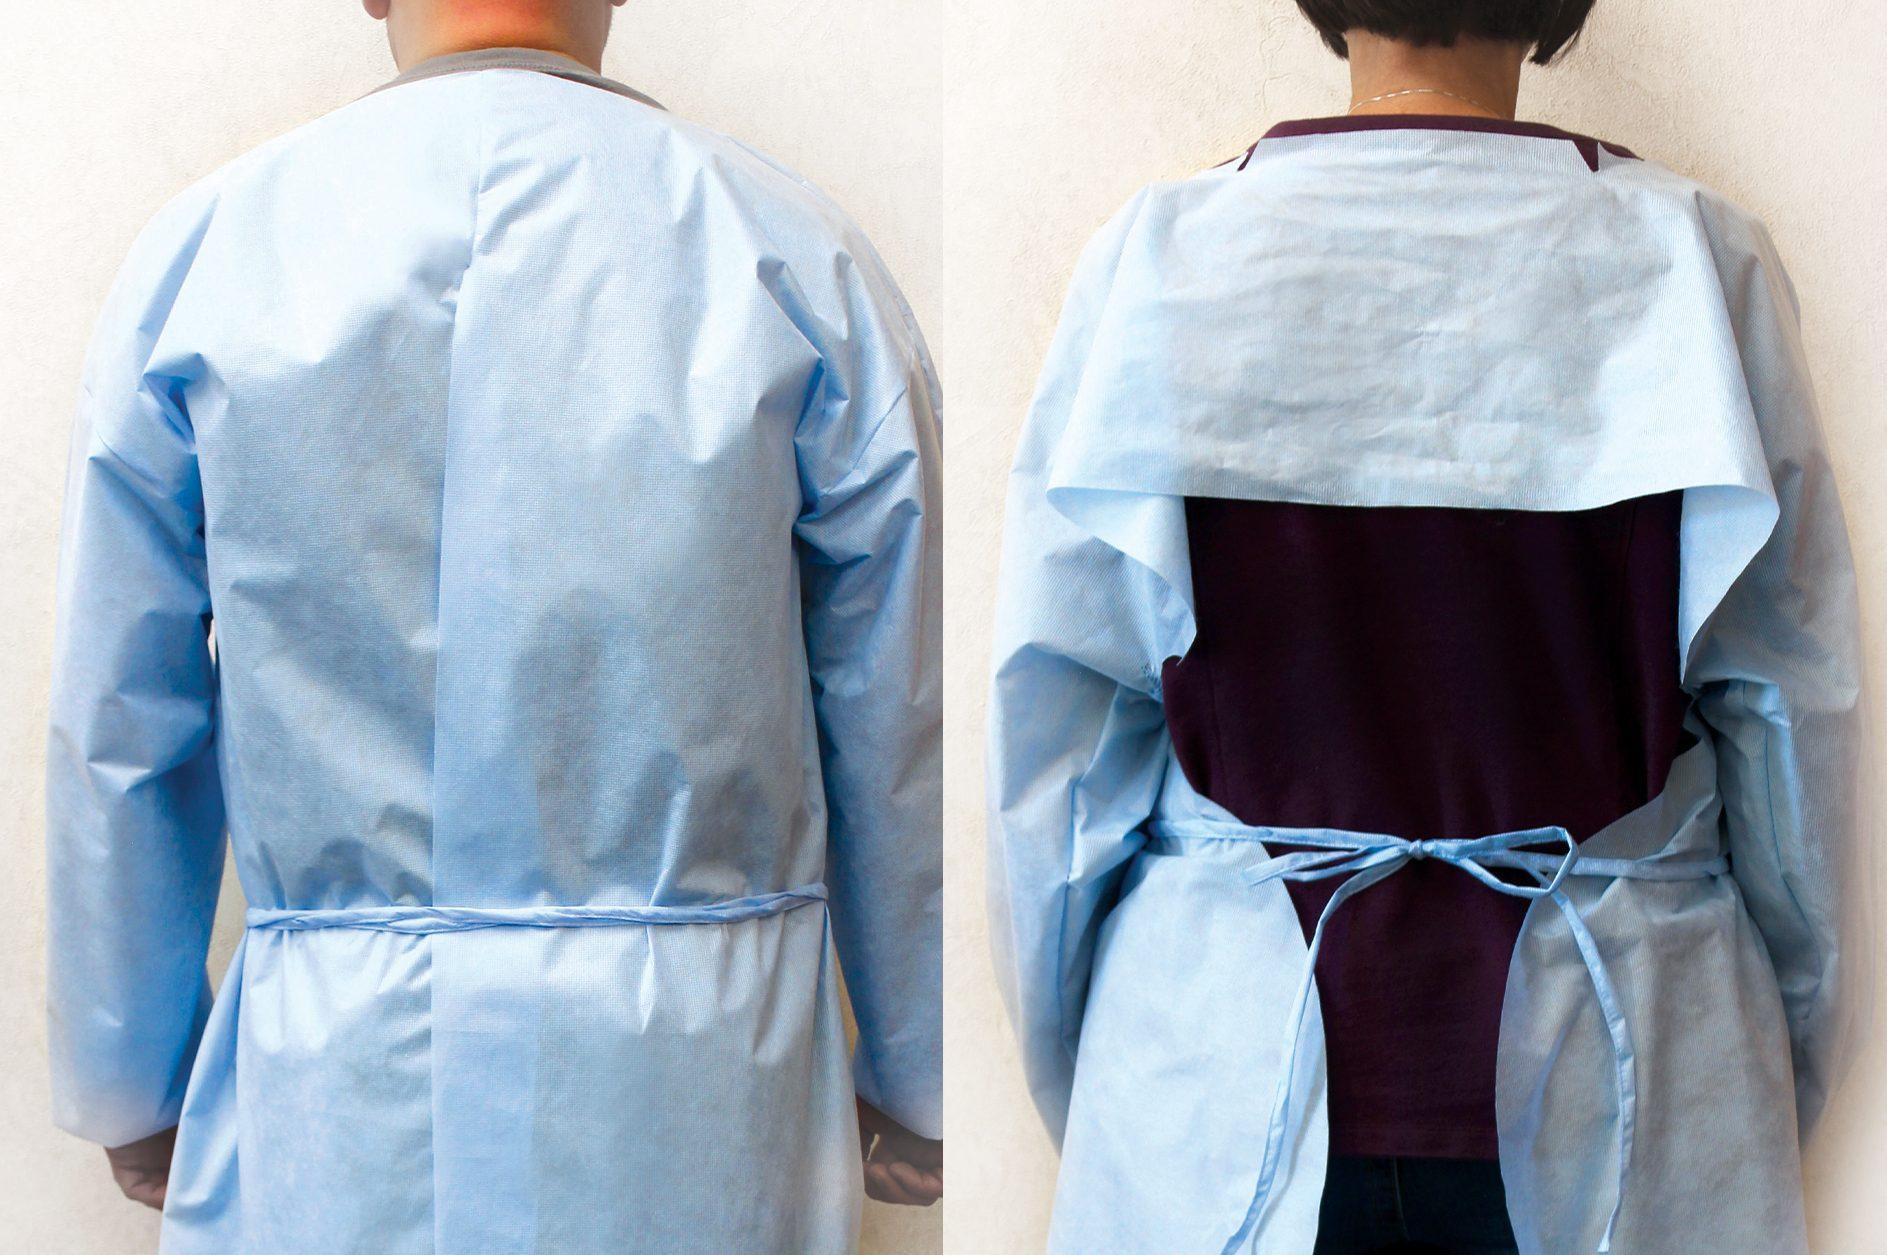 Medical Gown Backs